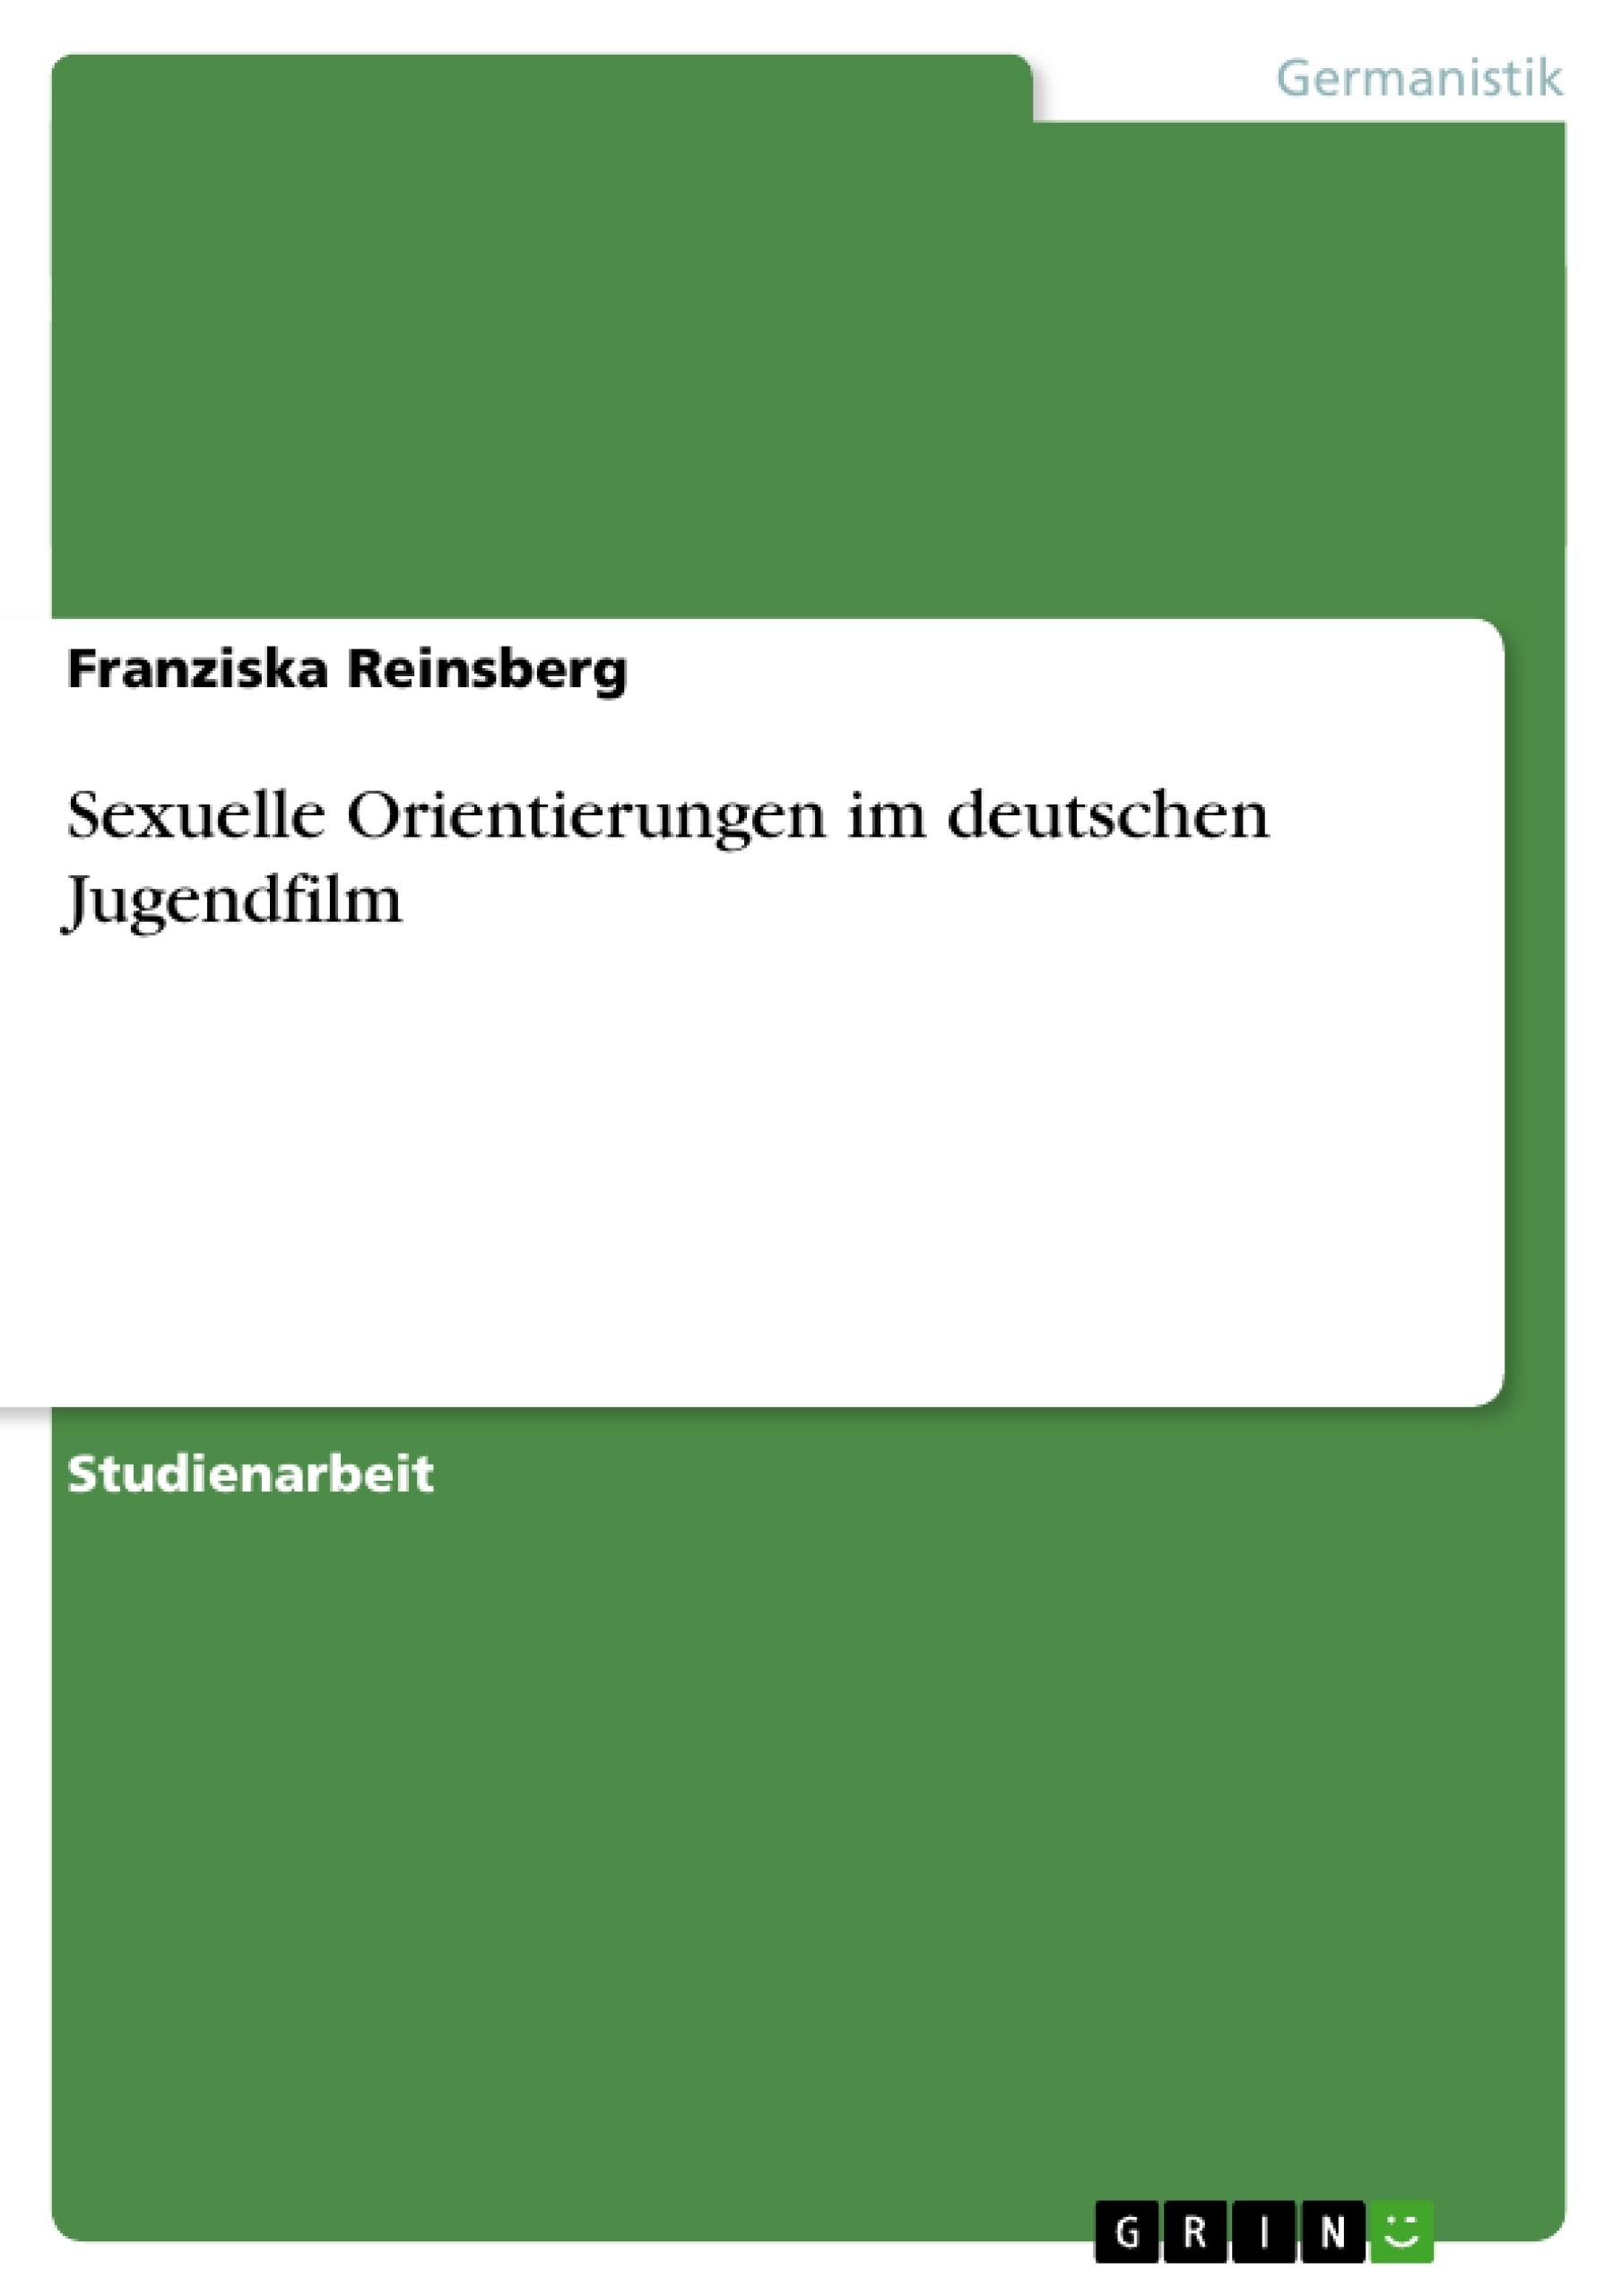 Titel: Sexuelle Orientierungen im deutschen Jugendfilm